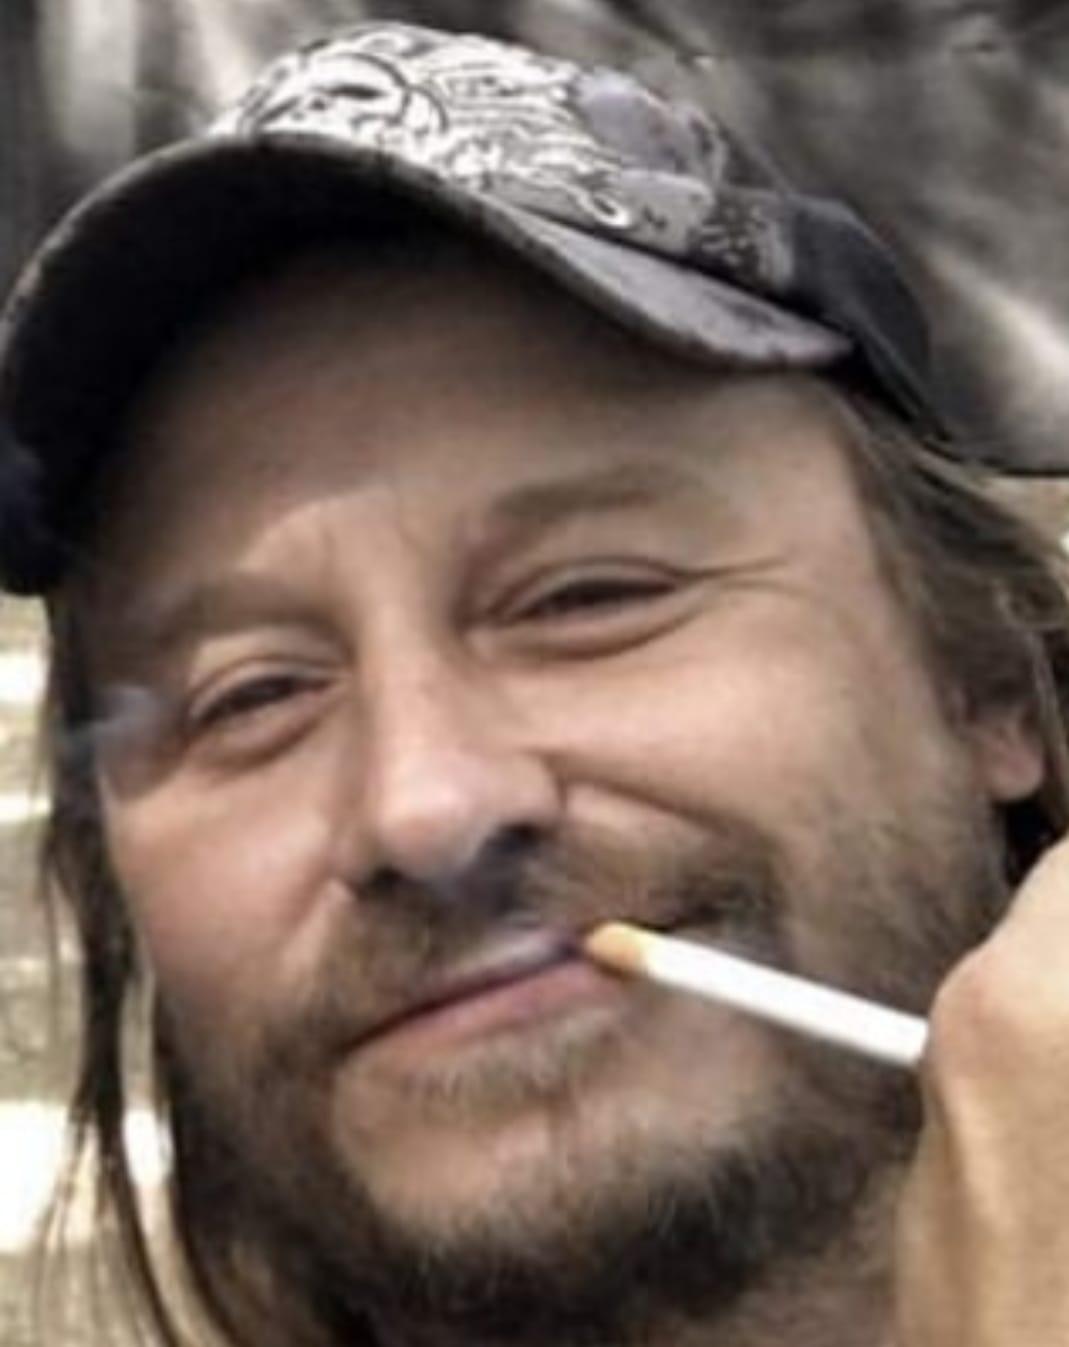 Lars-Göran Petrov vocalista de Entombed falleció el día de ayer